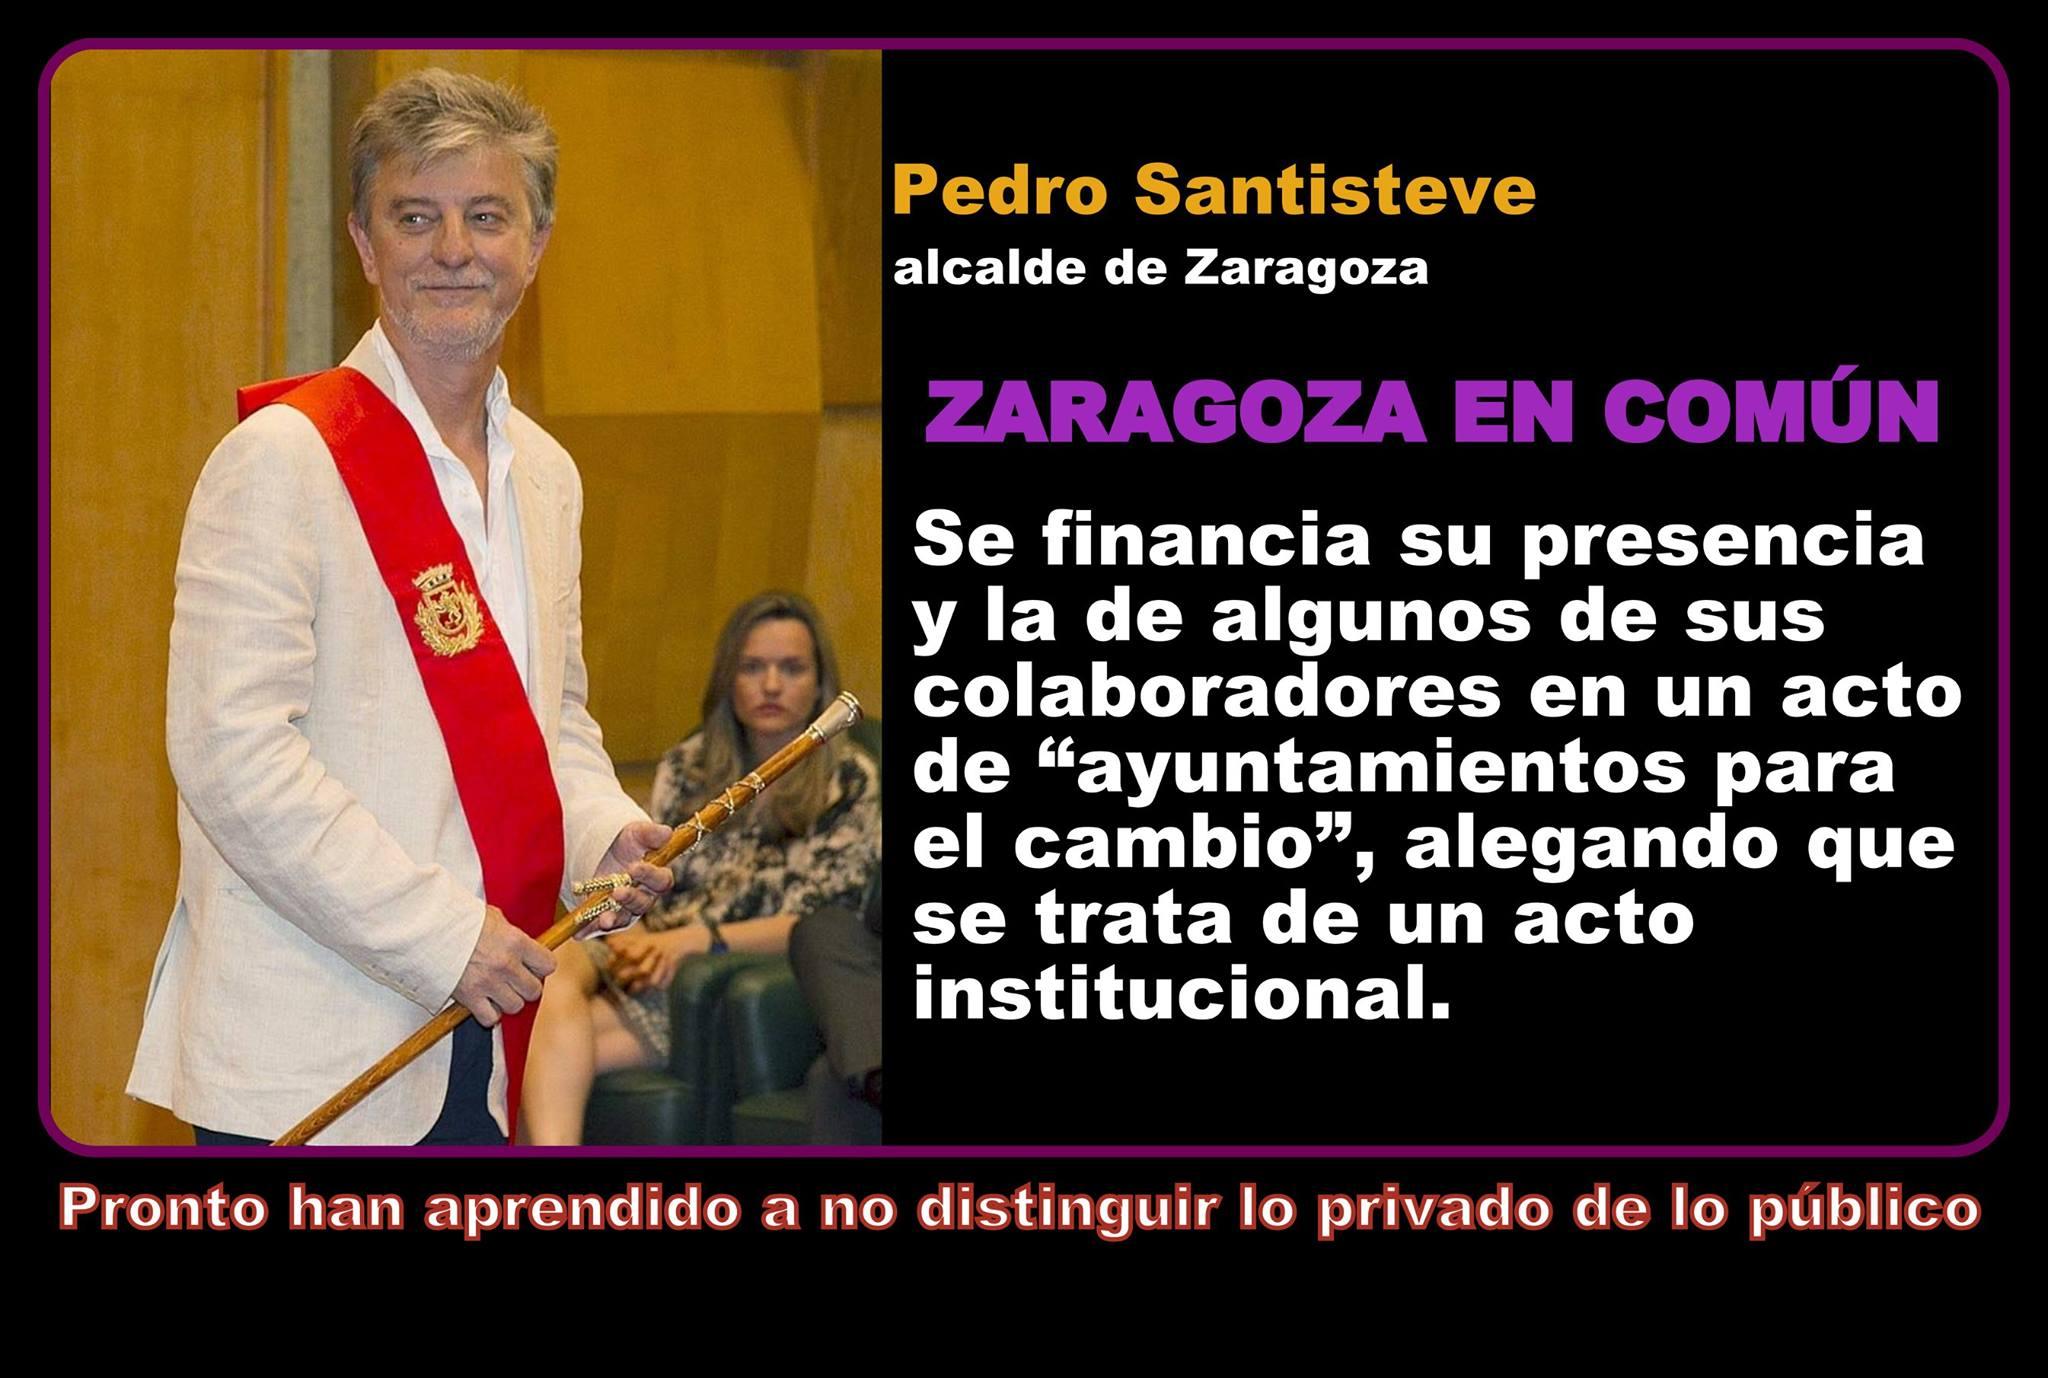 Pedro Santiesteve el alcalde de Zaragoza tampoco distingue lo privado de lo público